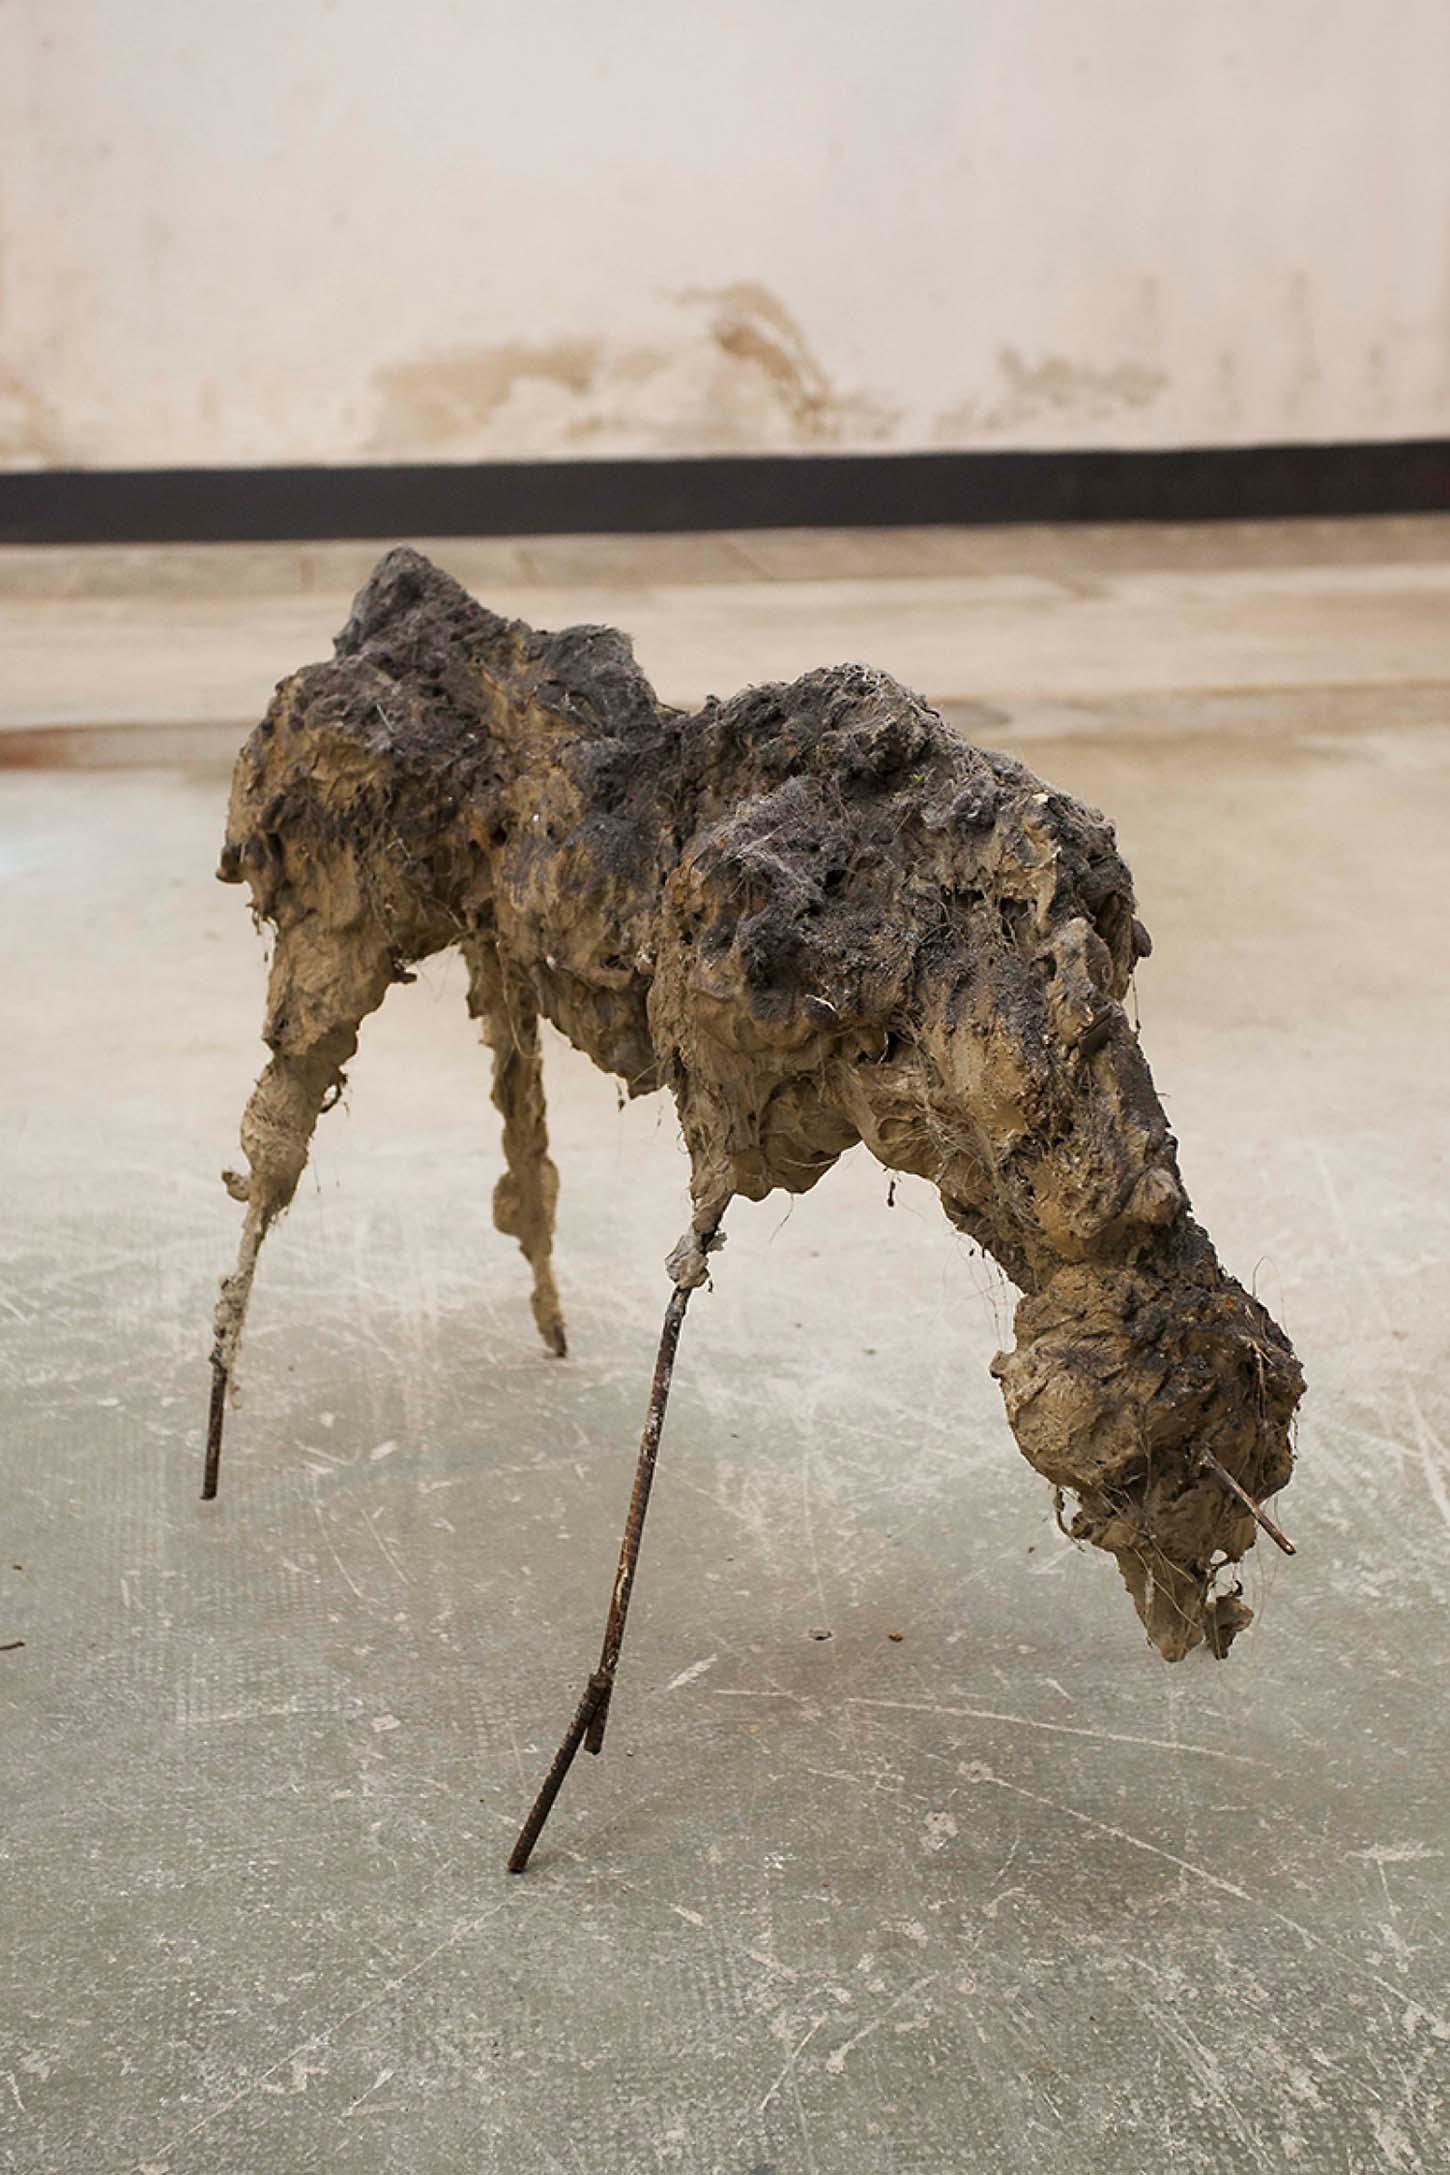 Espace A VENDRE, le Château, comme dans un jardin.  Lionel Sabatté  Herbivore #2 Ferraille, béton, fibres végétales, curcuma, poussière, 60 x 86 x 48 cm, 2014